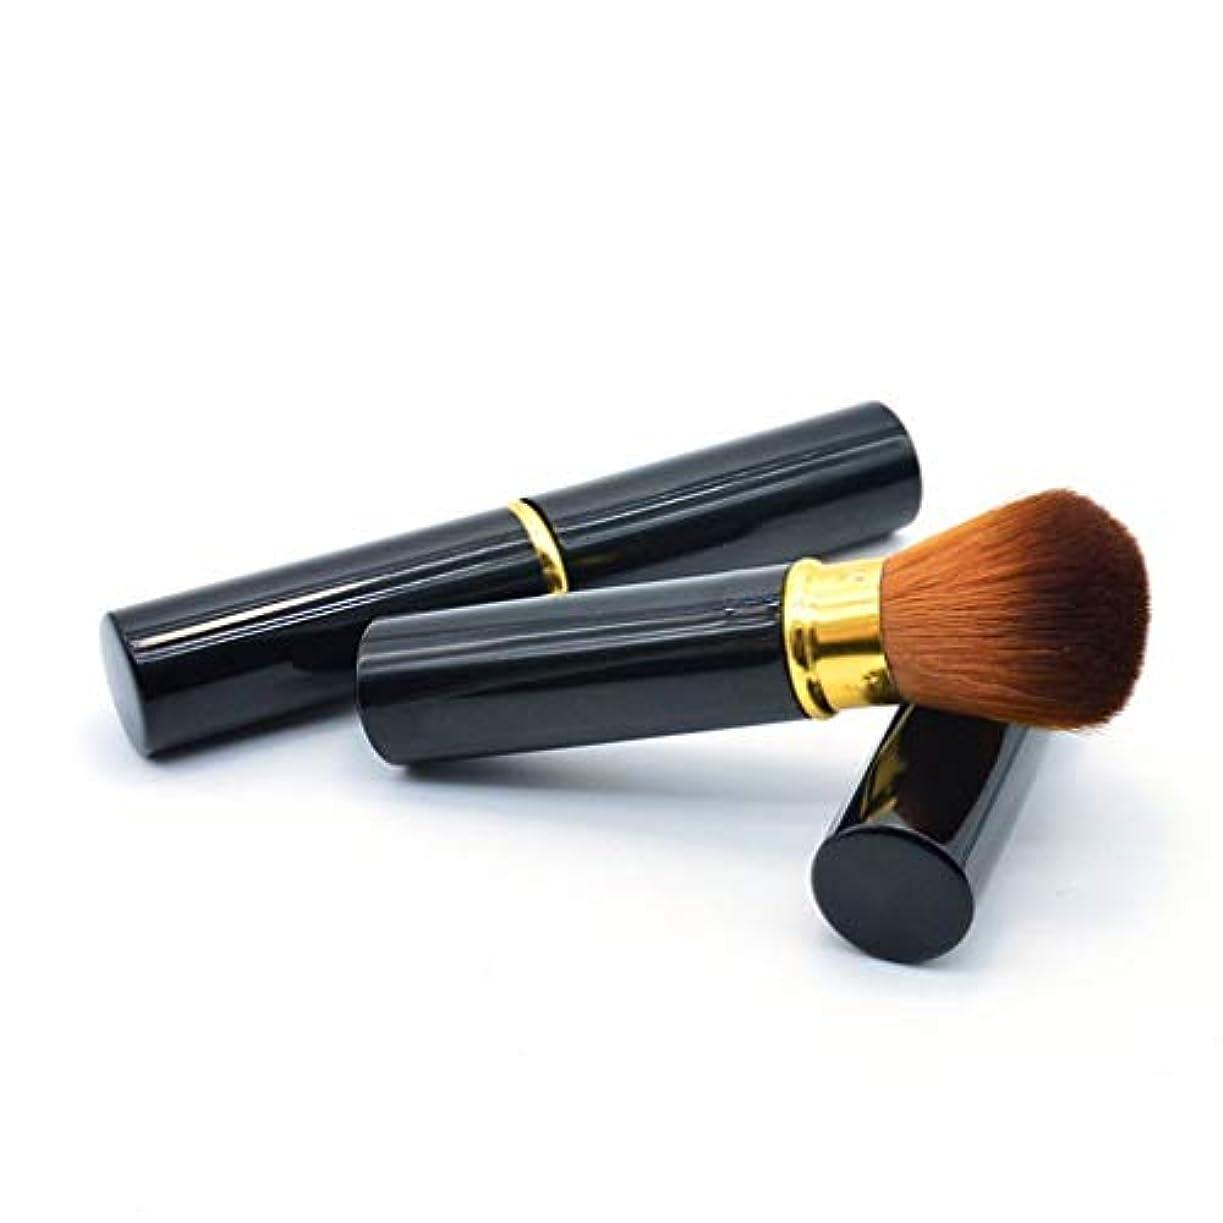 準備する阻害するレンダリングメイクアップブラシファンデーションメイクアップリキッド、クリーム、または完璧なパウダー化粧品 - バフ、点描、コンシーラー - 上質な合成稠密剛毛